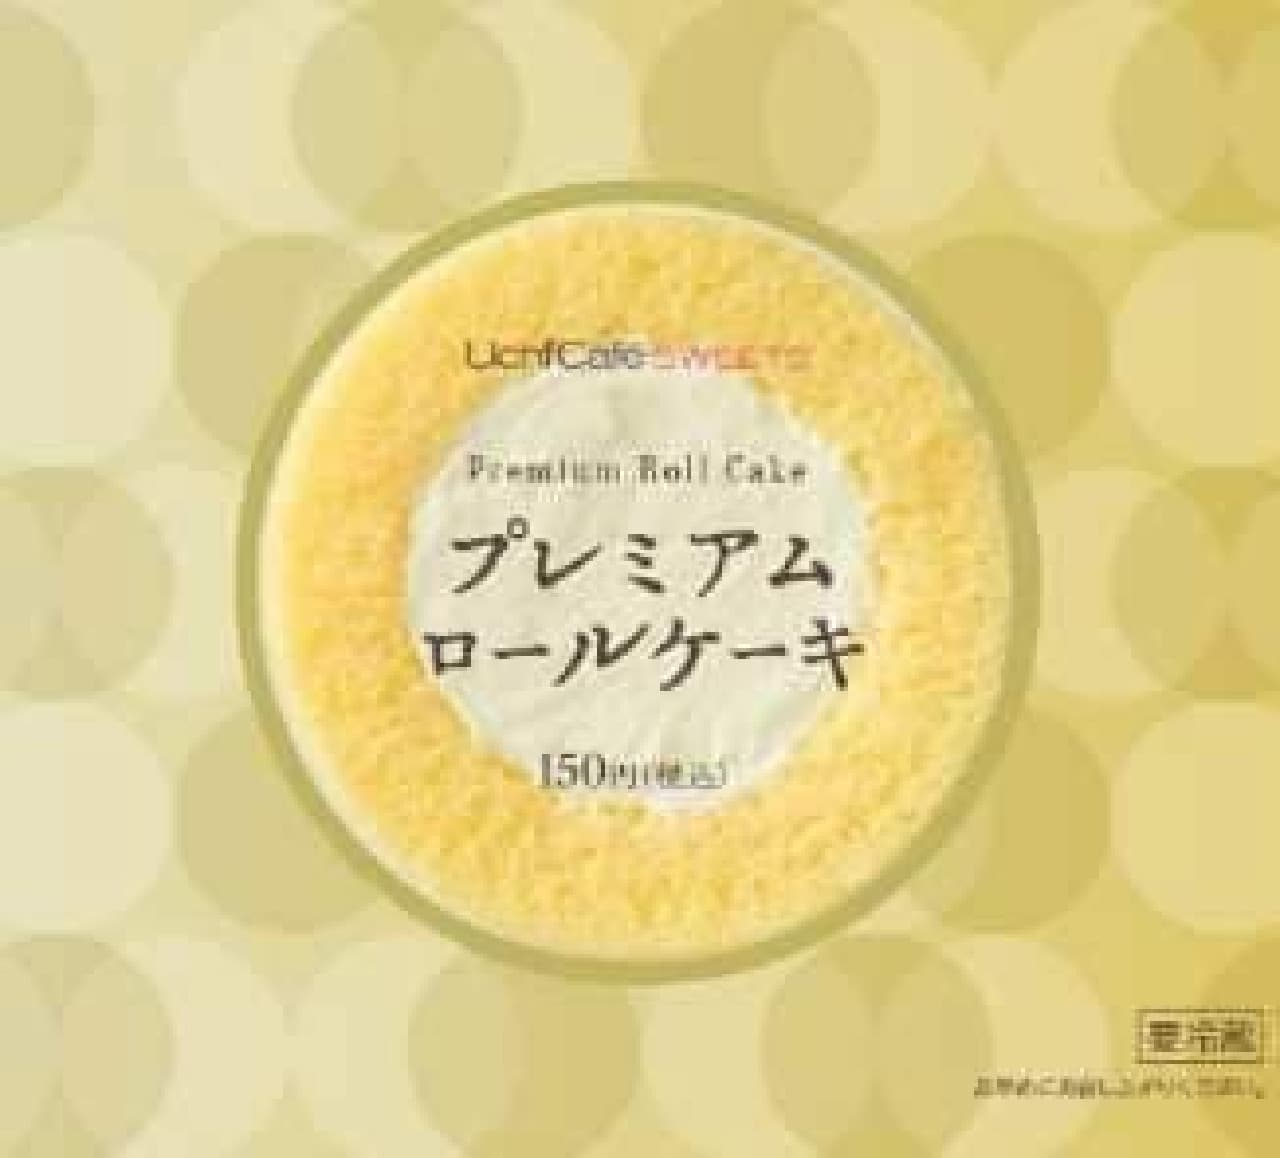 「プレミアムロールケーキ」が初リニューアル